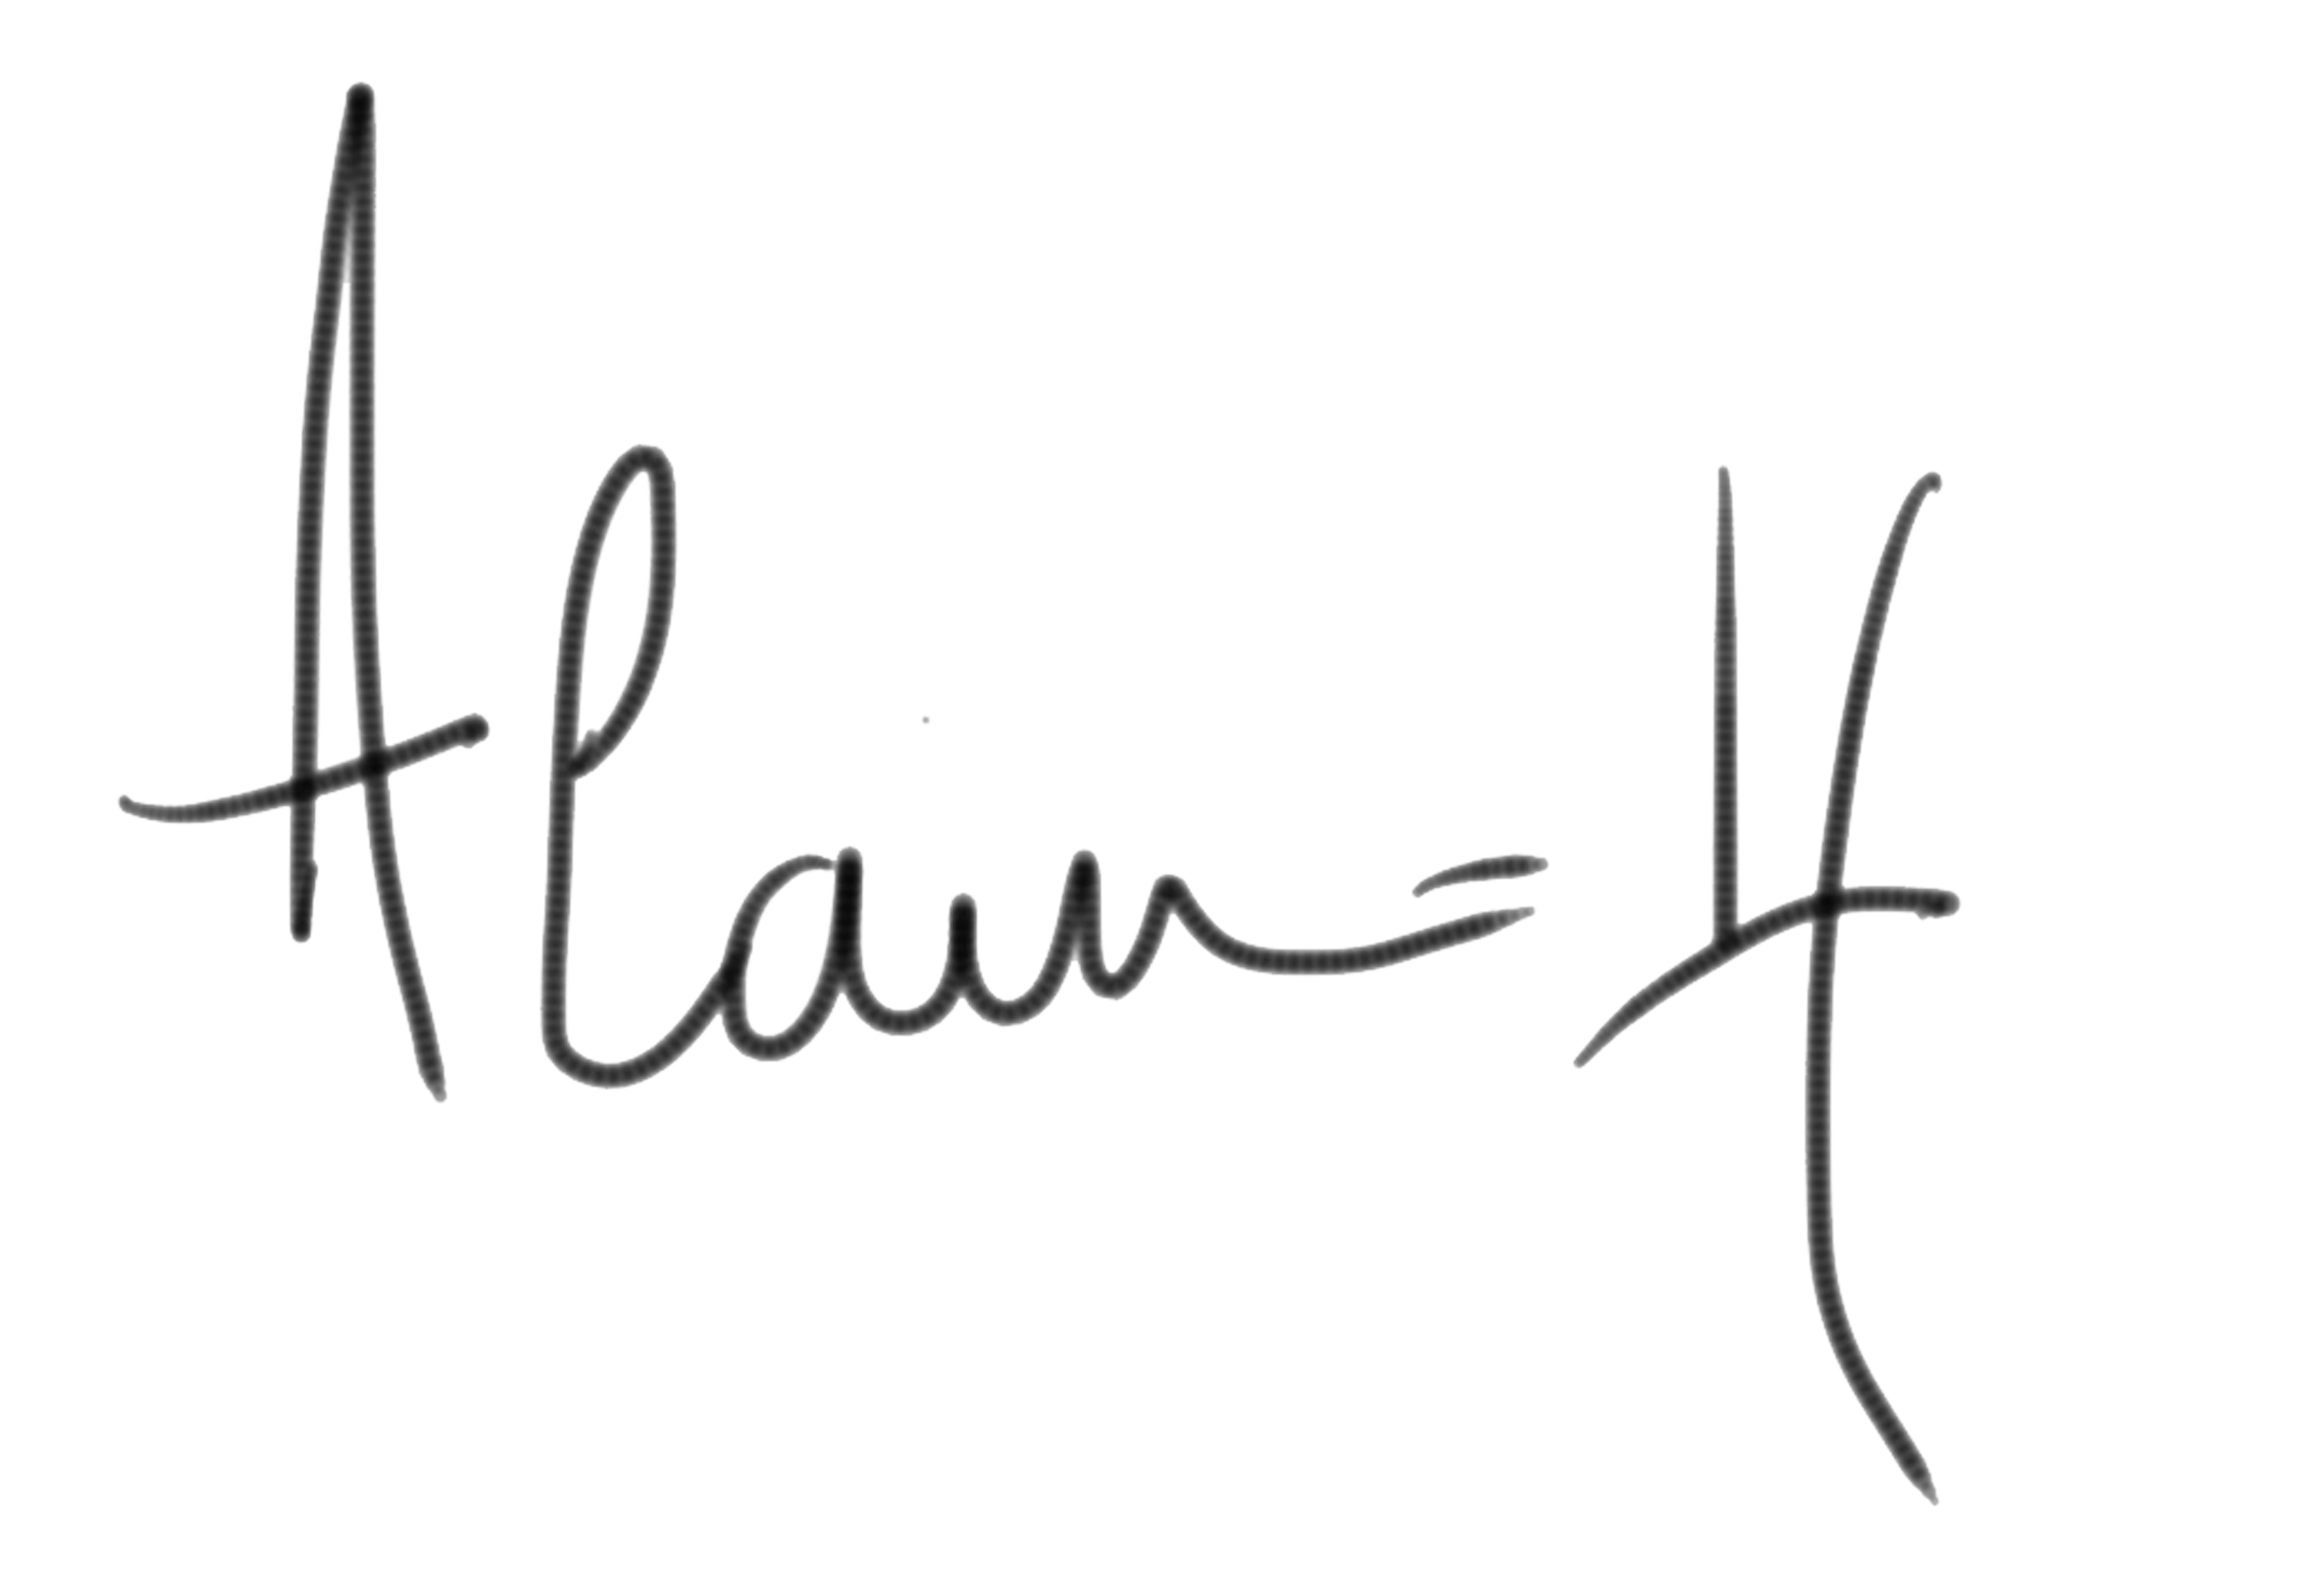 Alain-H Guyot's Signature